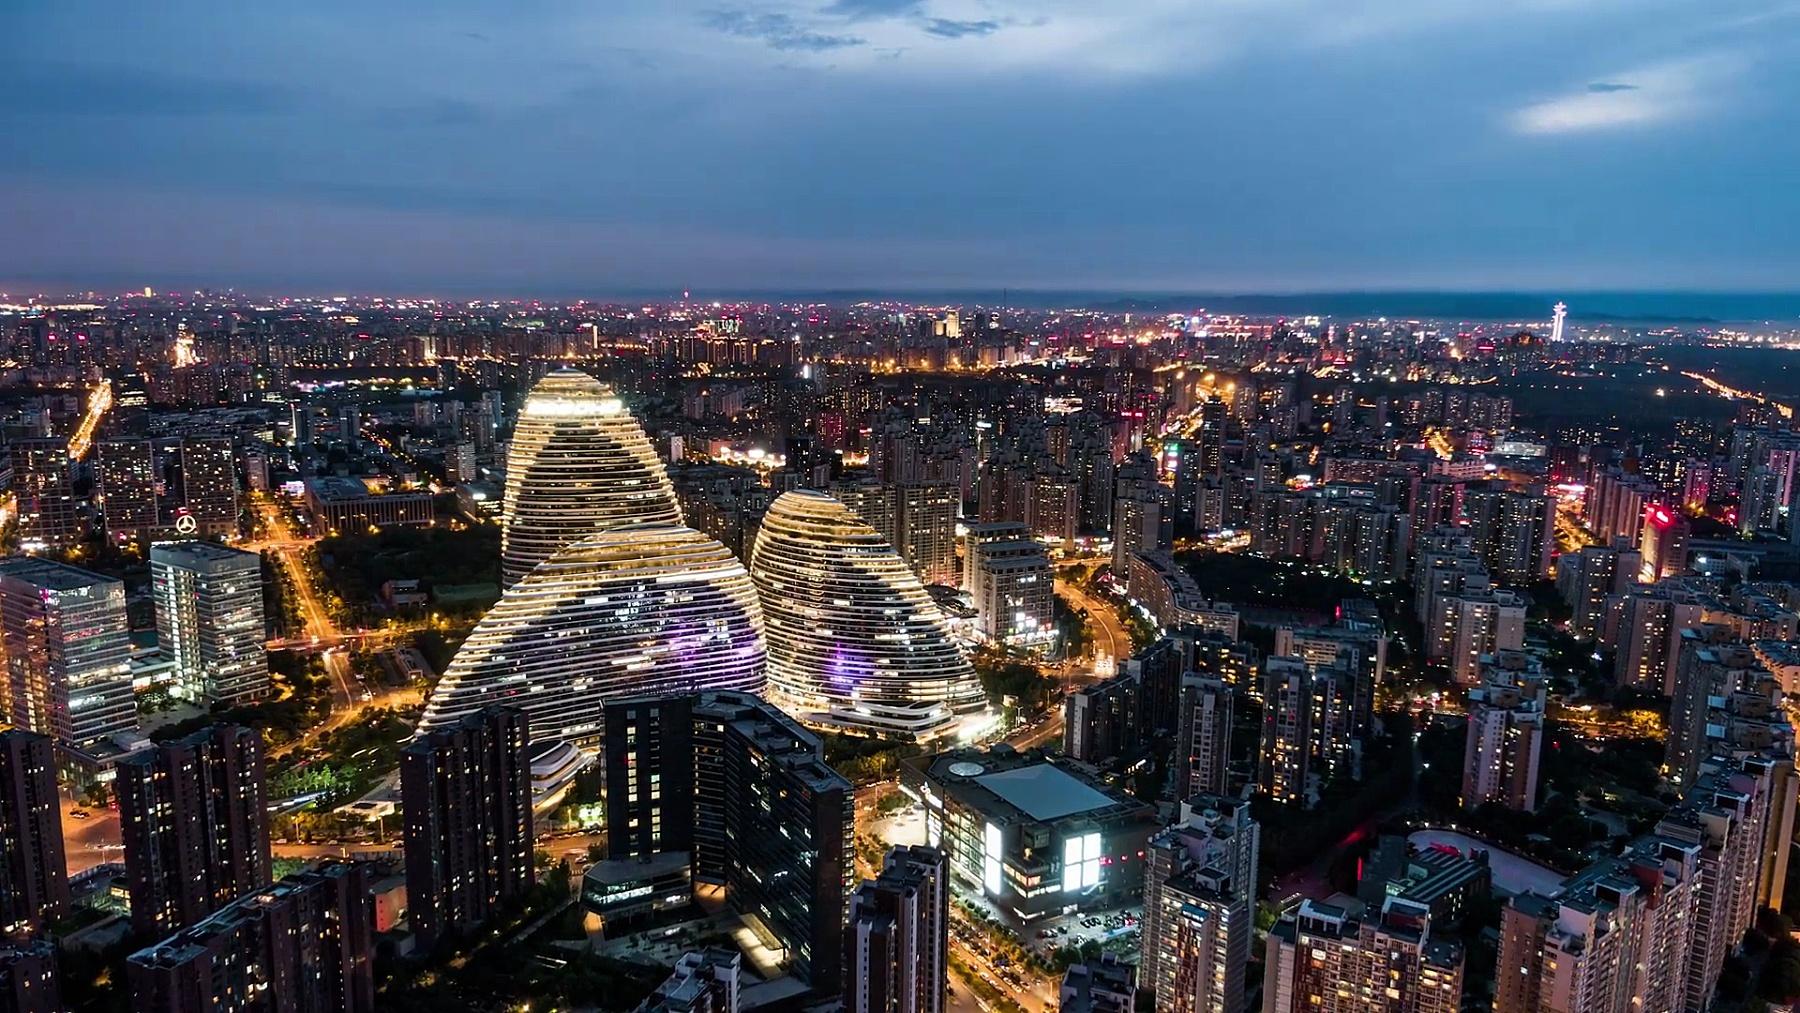 夜间北京天际线T/LZ鸟瞰